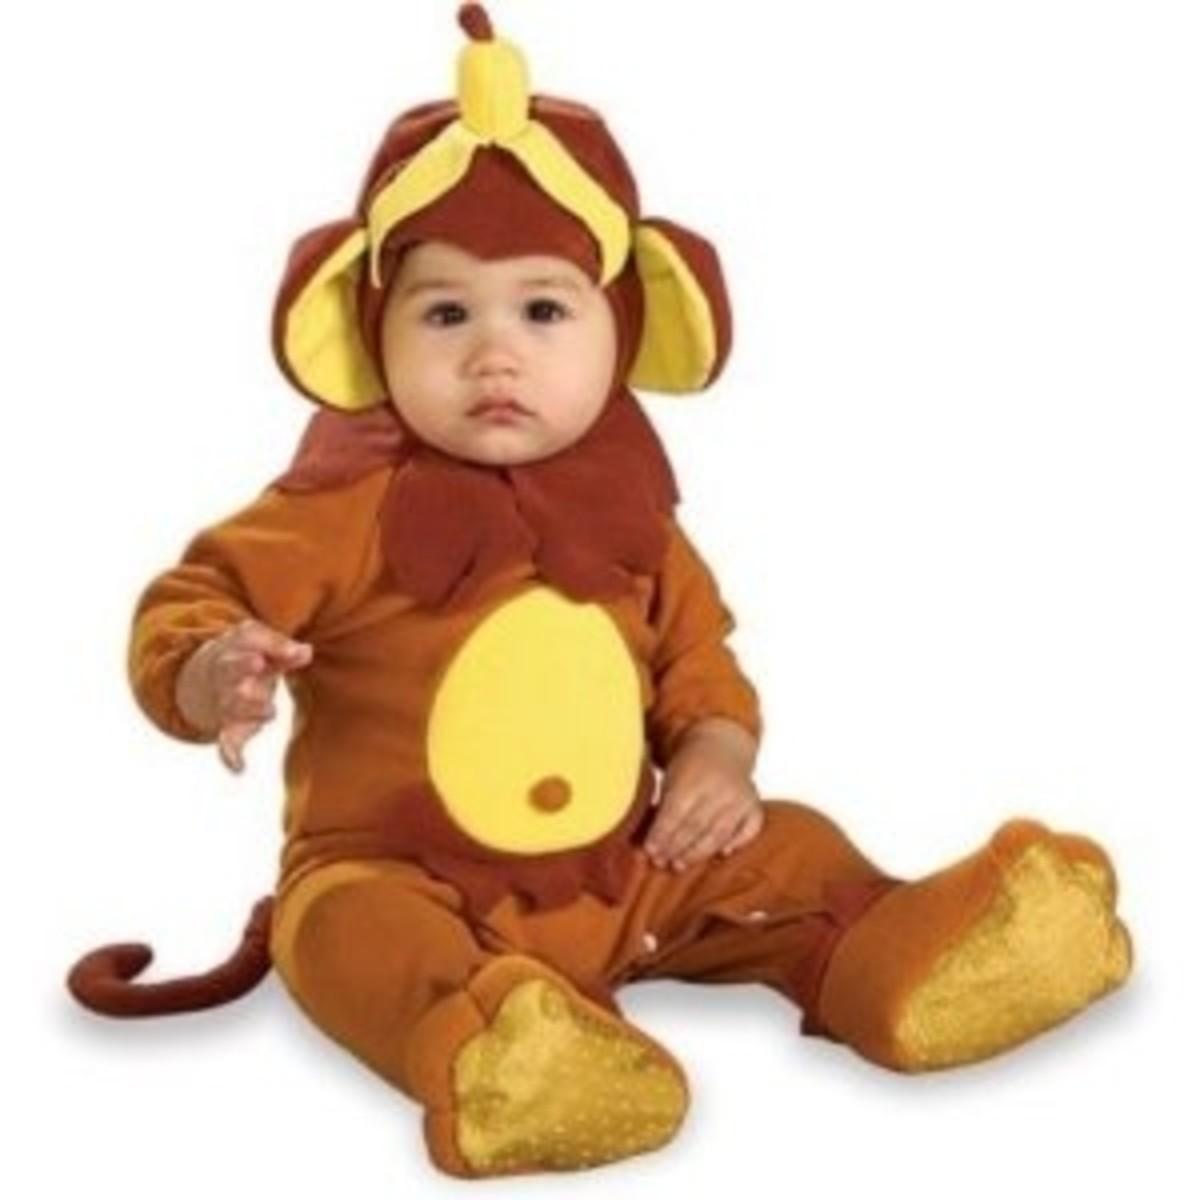 Monkey Costume - Infant Monkey Costume - Monkey See Monkey Do